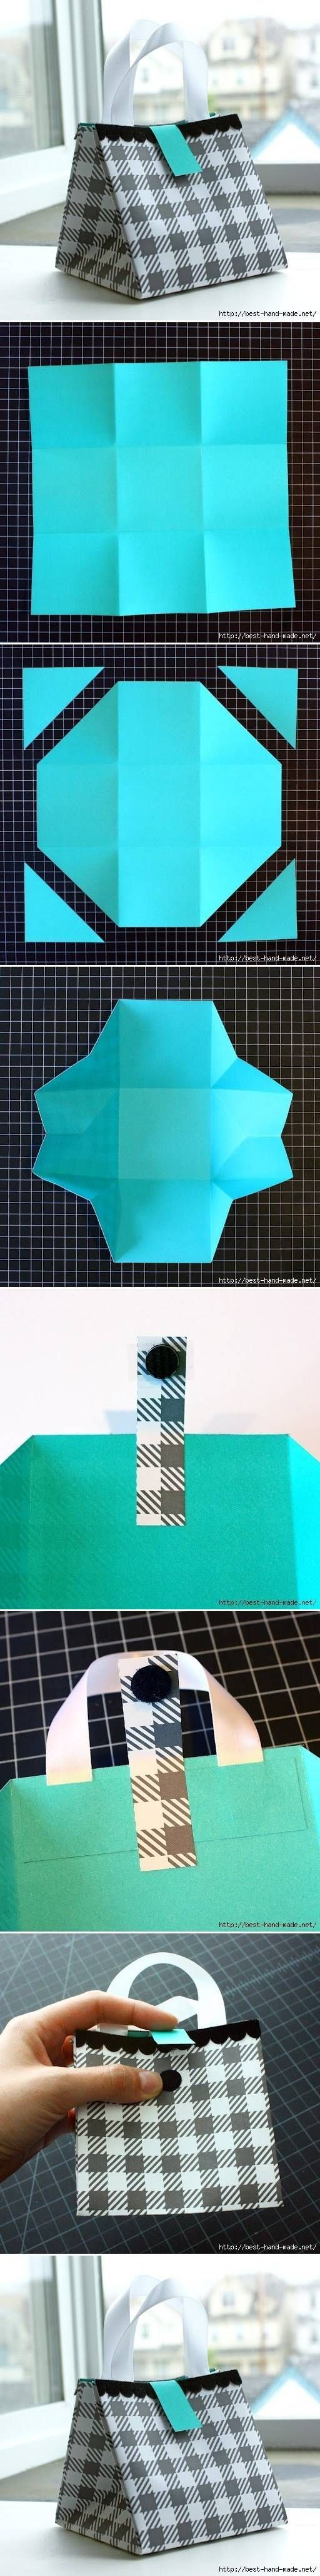 Una caja de regalos en forma de bolso